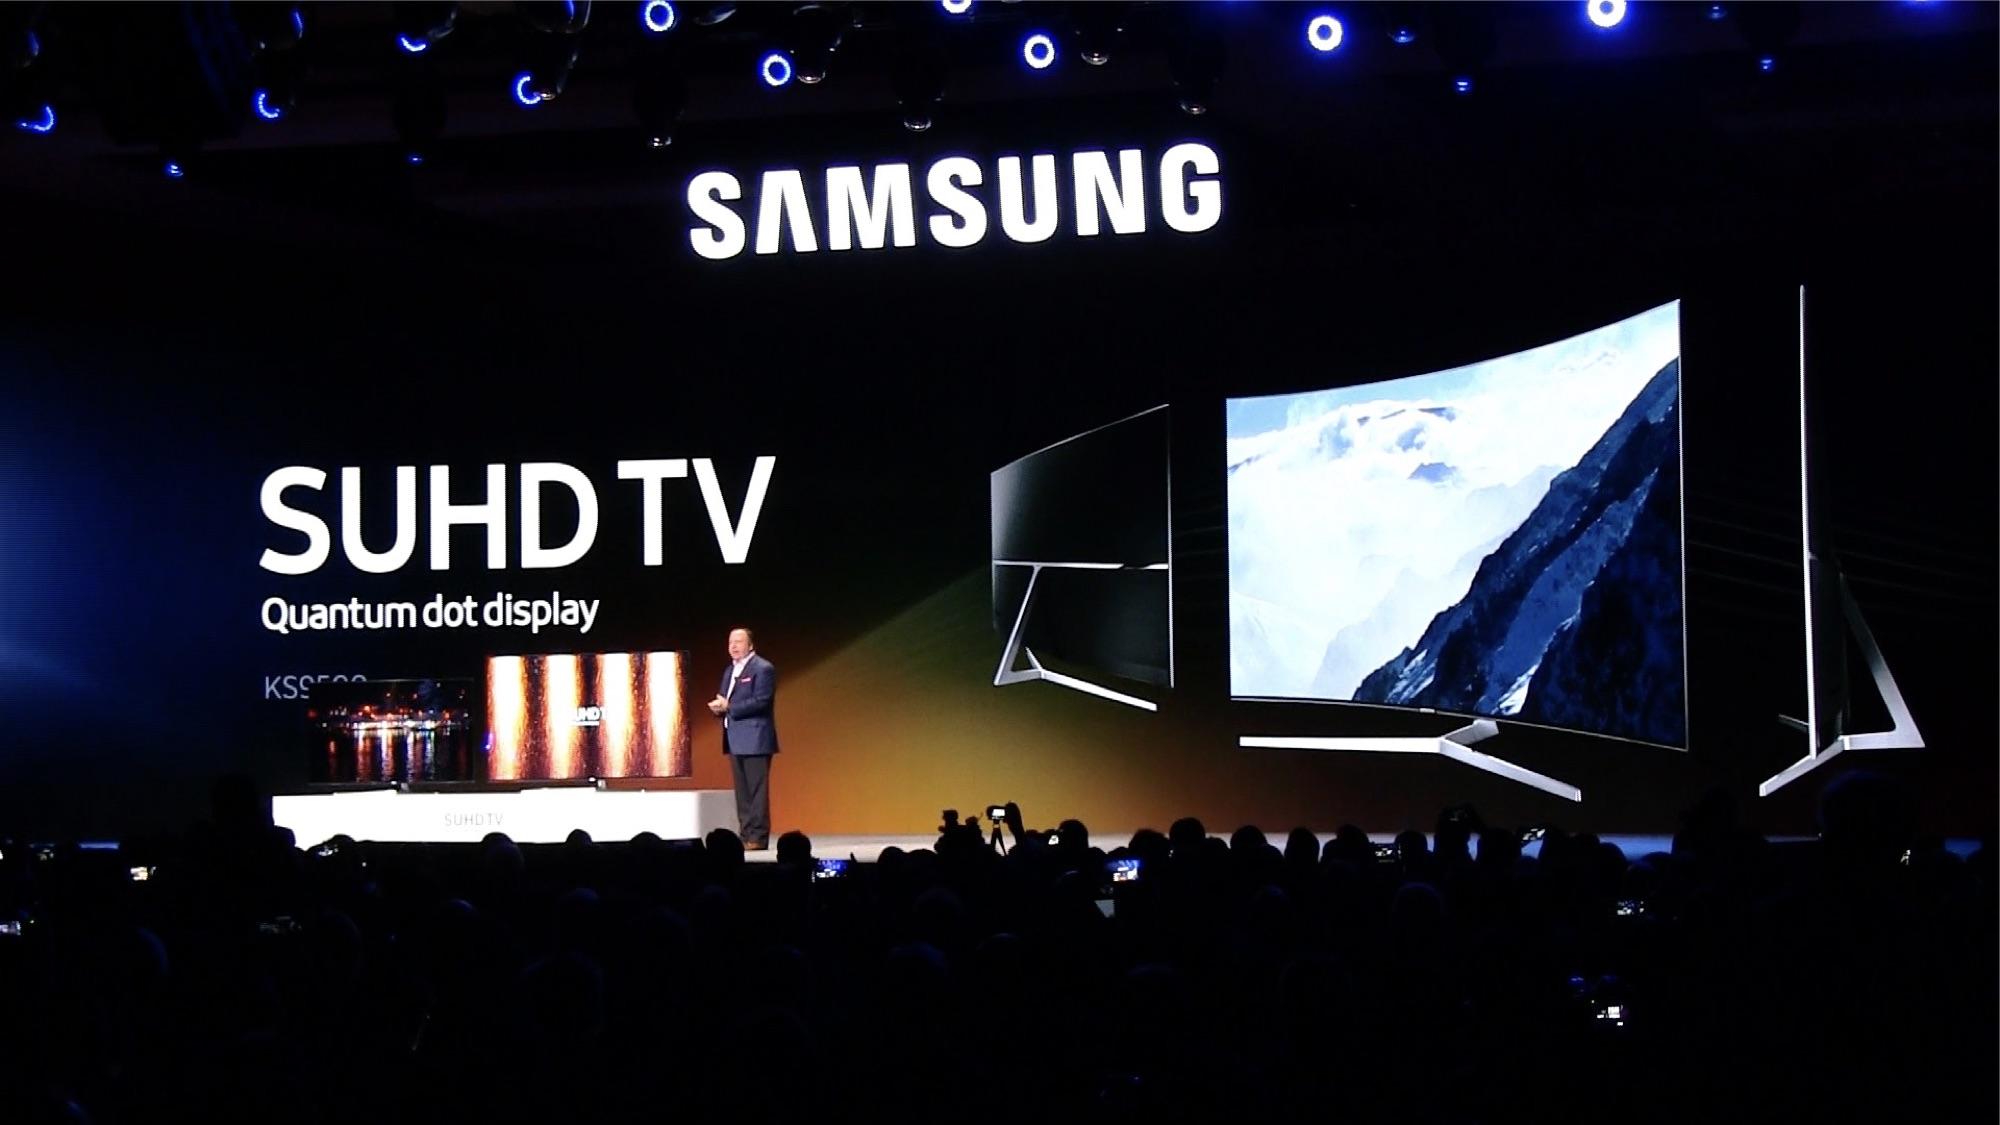 SAMSUNGのプレスカンファレンス。クオンタム・ドット・テクノロジーを採用したSUHDテレビや、内蔵カメラで常時内容が把握できる冷蔵庫など、様々な家電製品が発表され、注目が集まった。